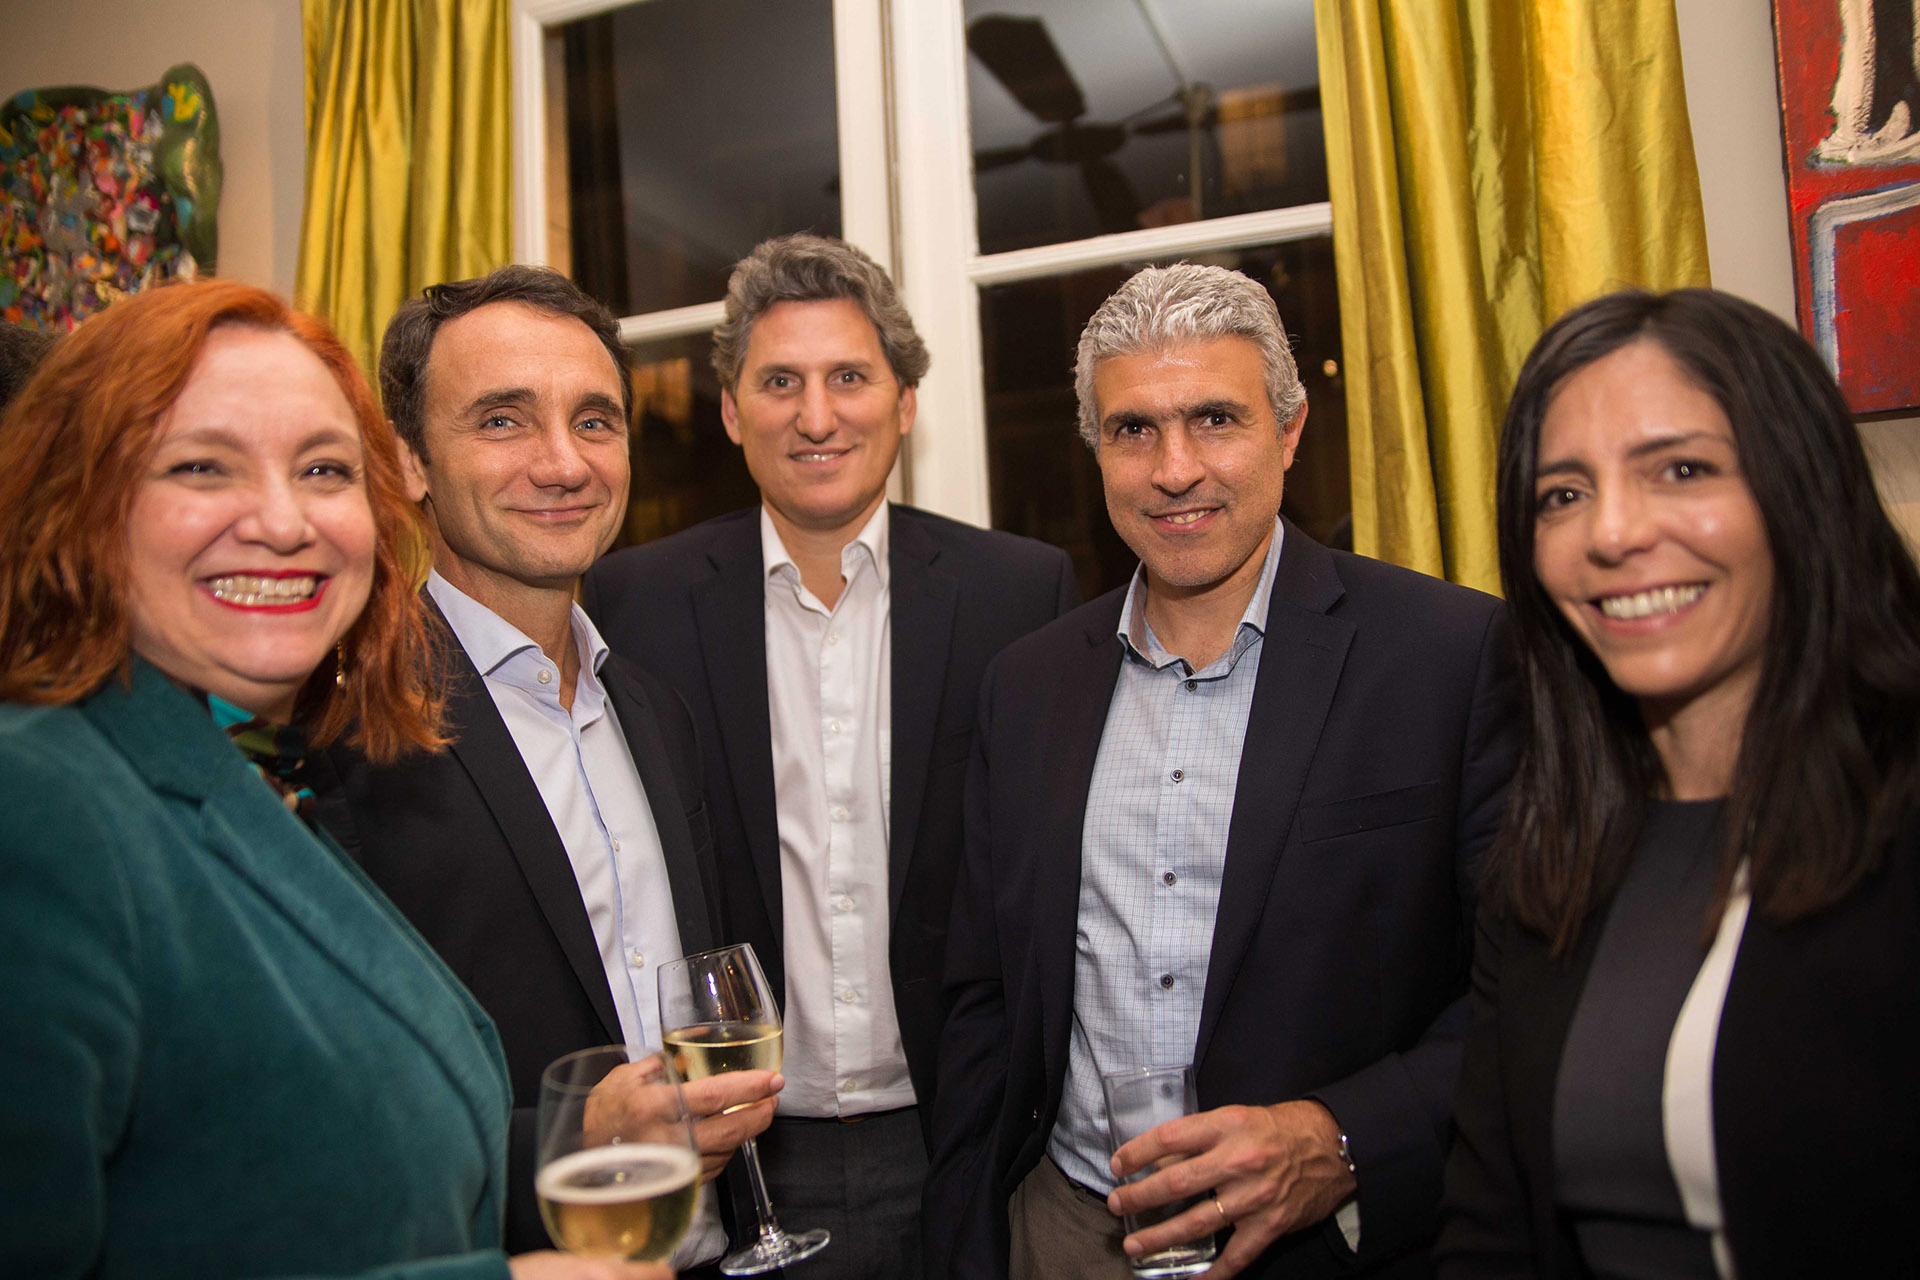 Marina Guimarães junto a Pedro Serrano de Marval O´Farrell & Mairal; Oliver Lucas, general Counsel de Siemens; Javier Pastorino, CEO de Siemens y presidente de la AHK, y Dalma Parisi, Lead Compliance Officer de Siemens